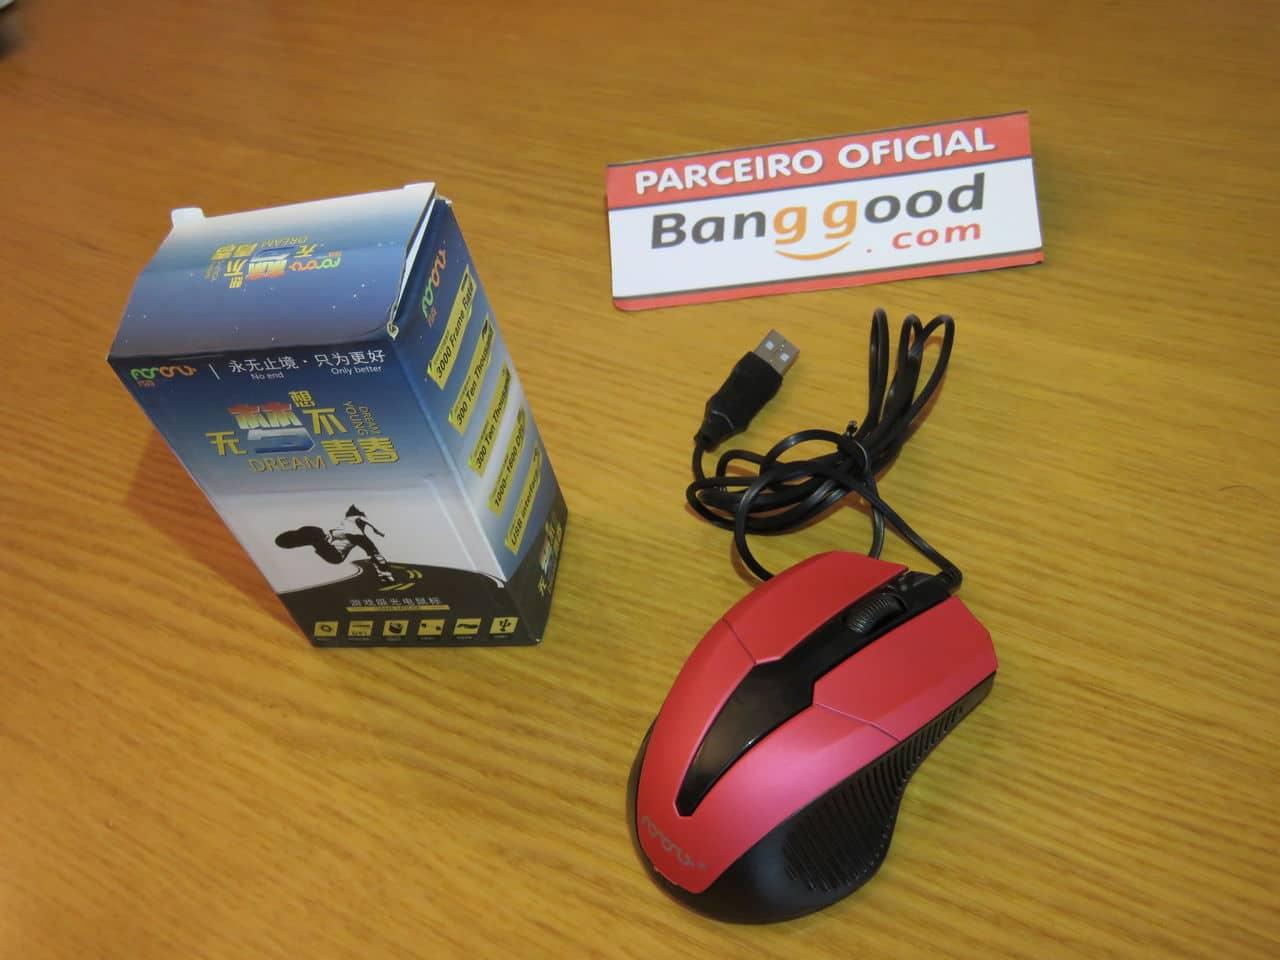 OPORTUNIDADE  [Provado] Banggood - Comprar na China é SEGURO, BARATO E RÁPIDO! (Armazém na Europa) - Página 7 RAto_USB